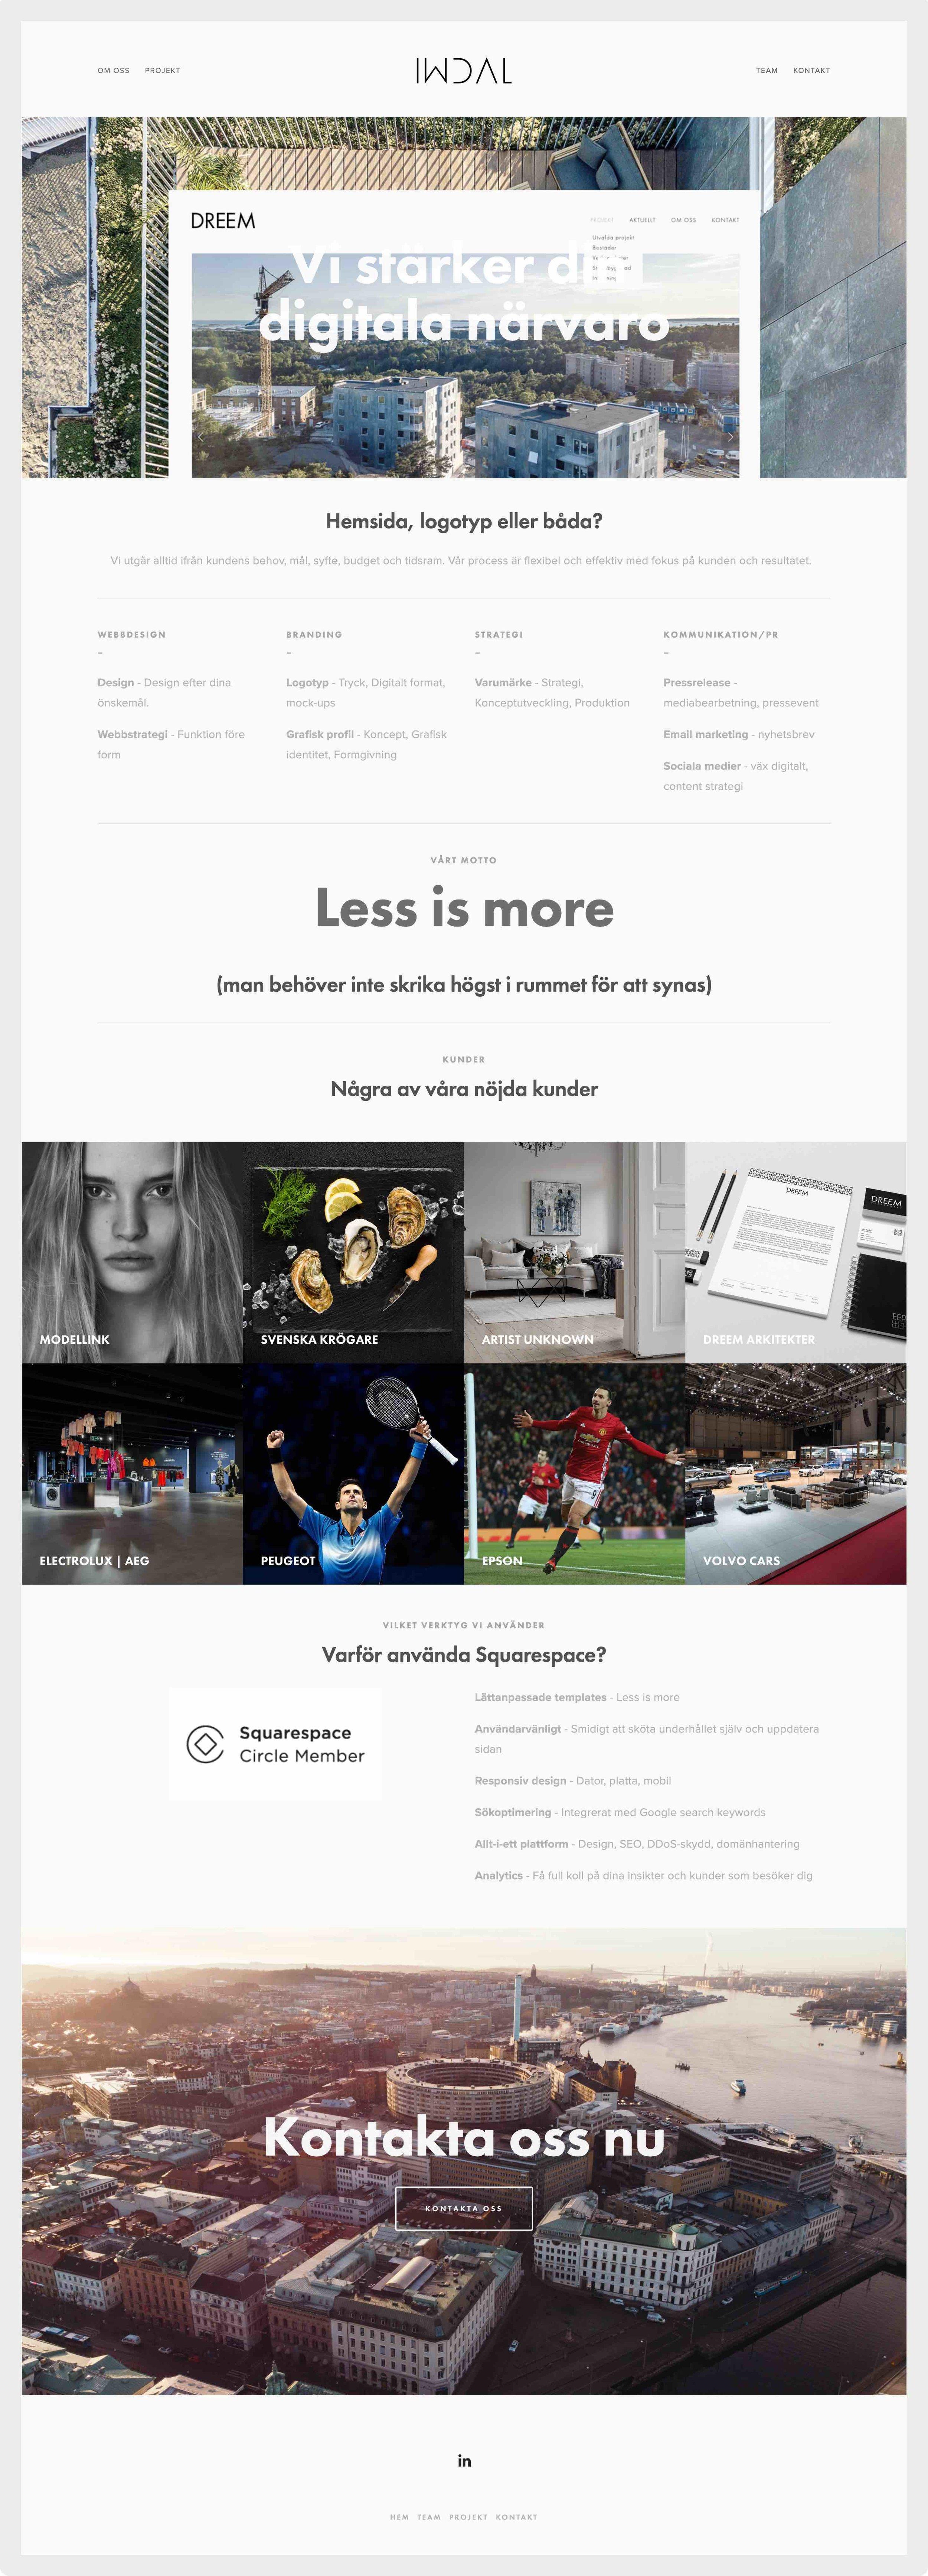 framtidens-webbyra-uppdrag-iwdal-omslagsbild.jpg